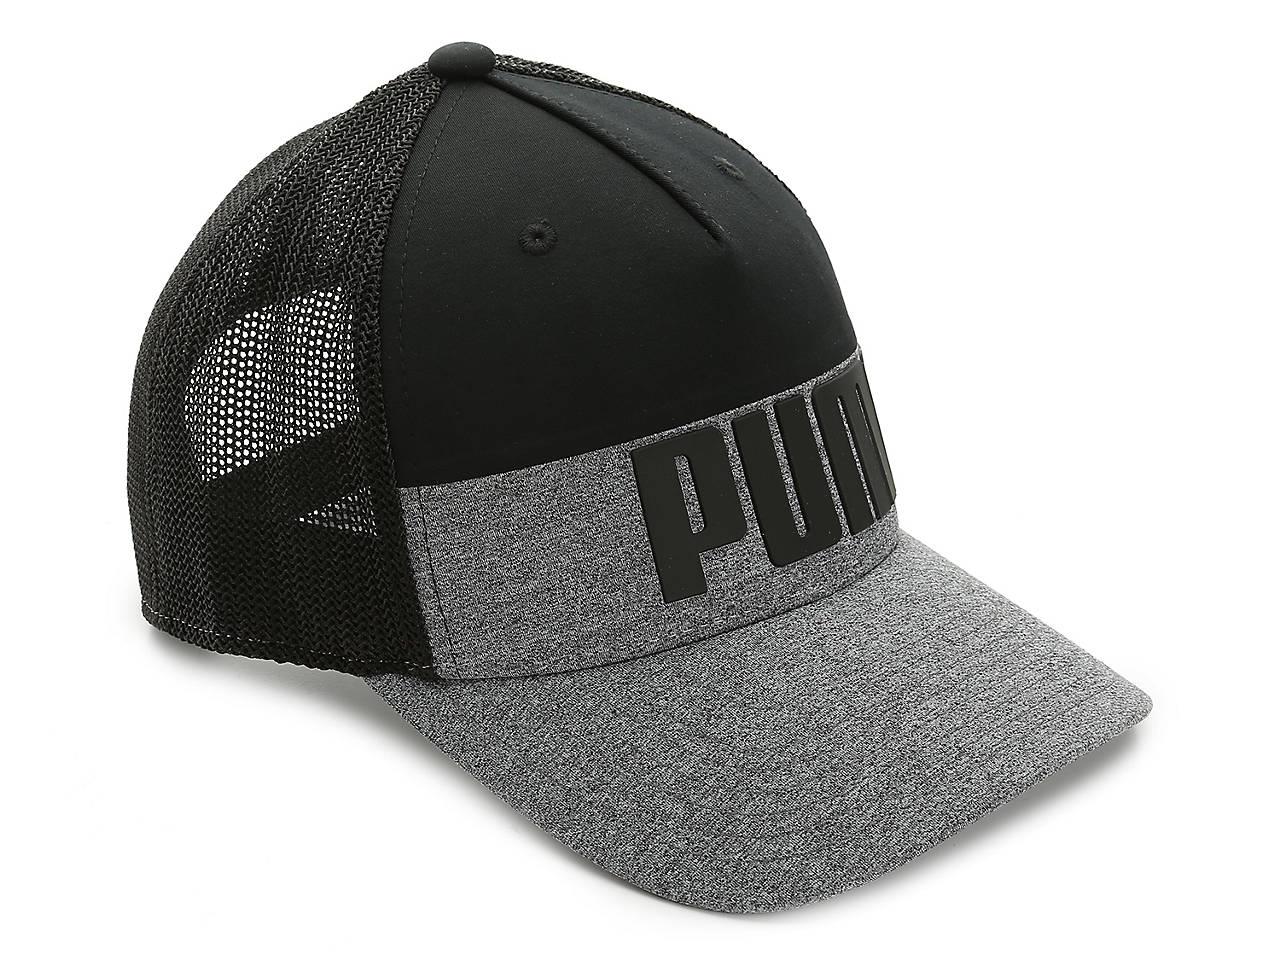 Puma Stacked 5-Panel Baseball Cap Men s Handbags   Accessories  c279aaf742a